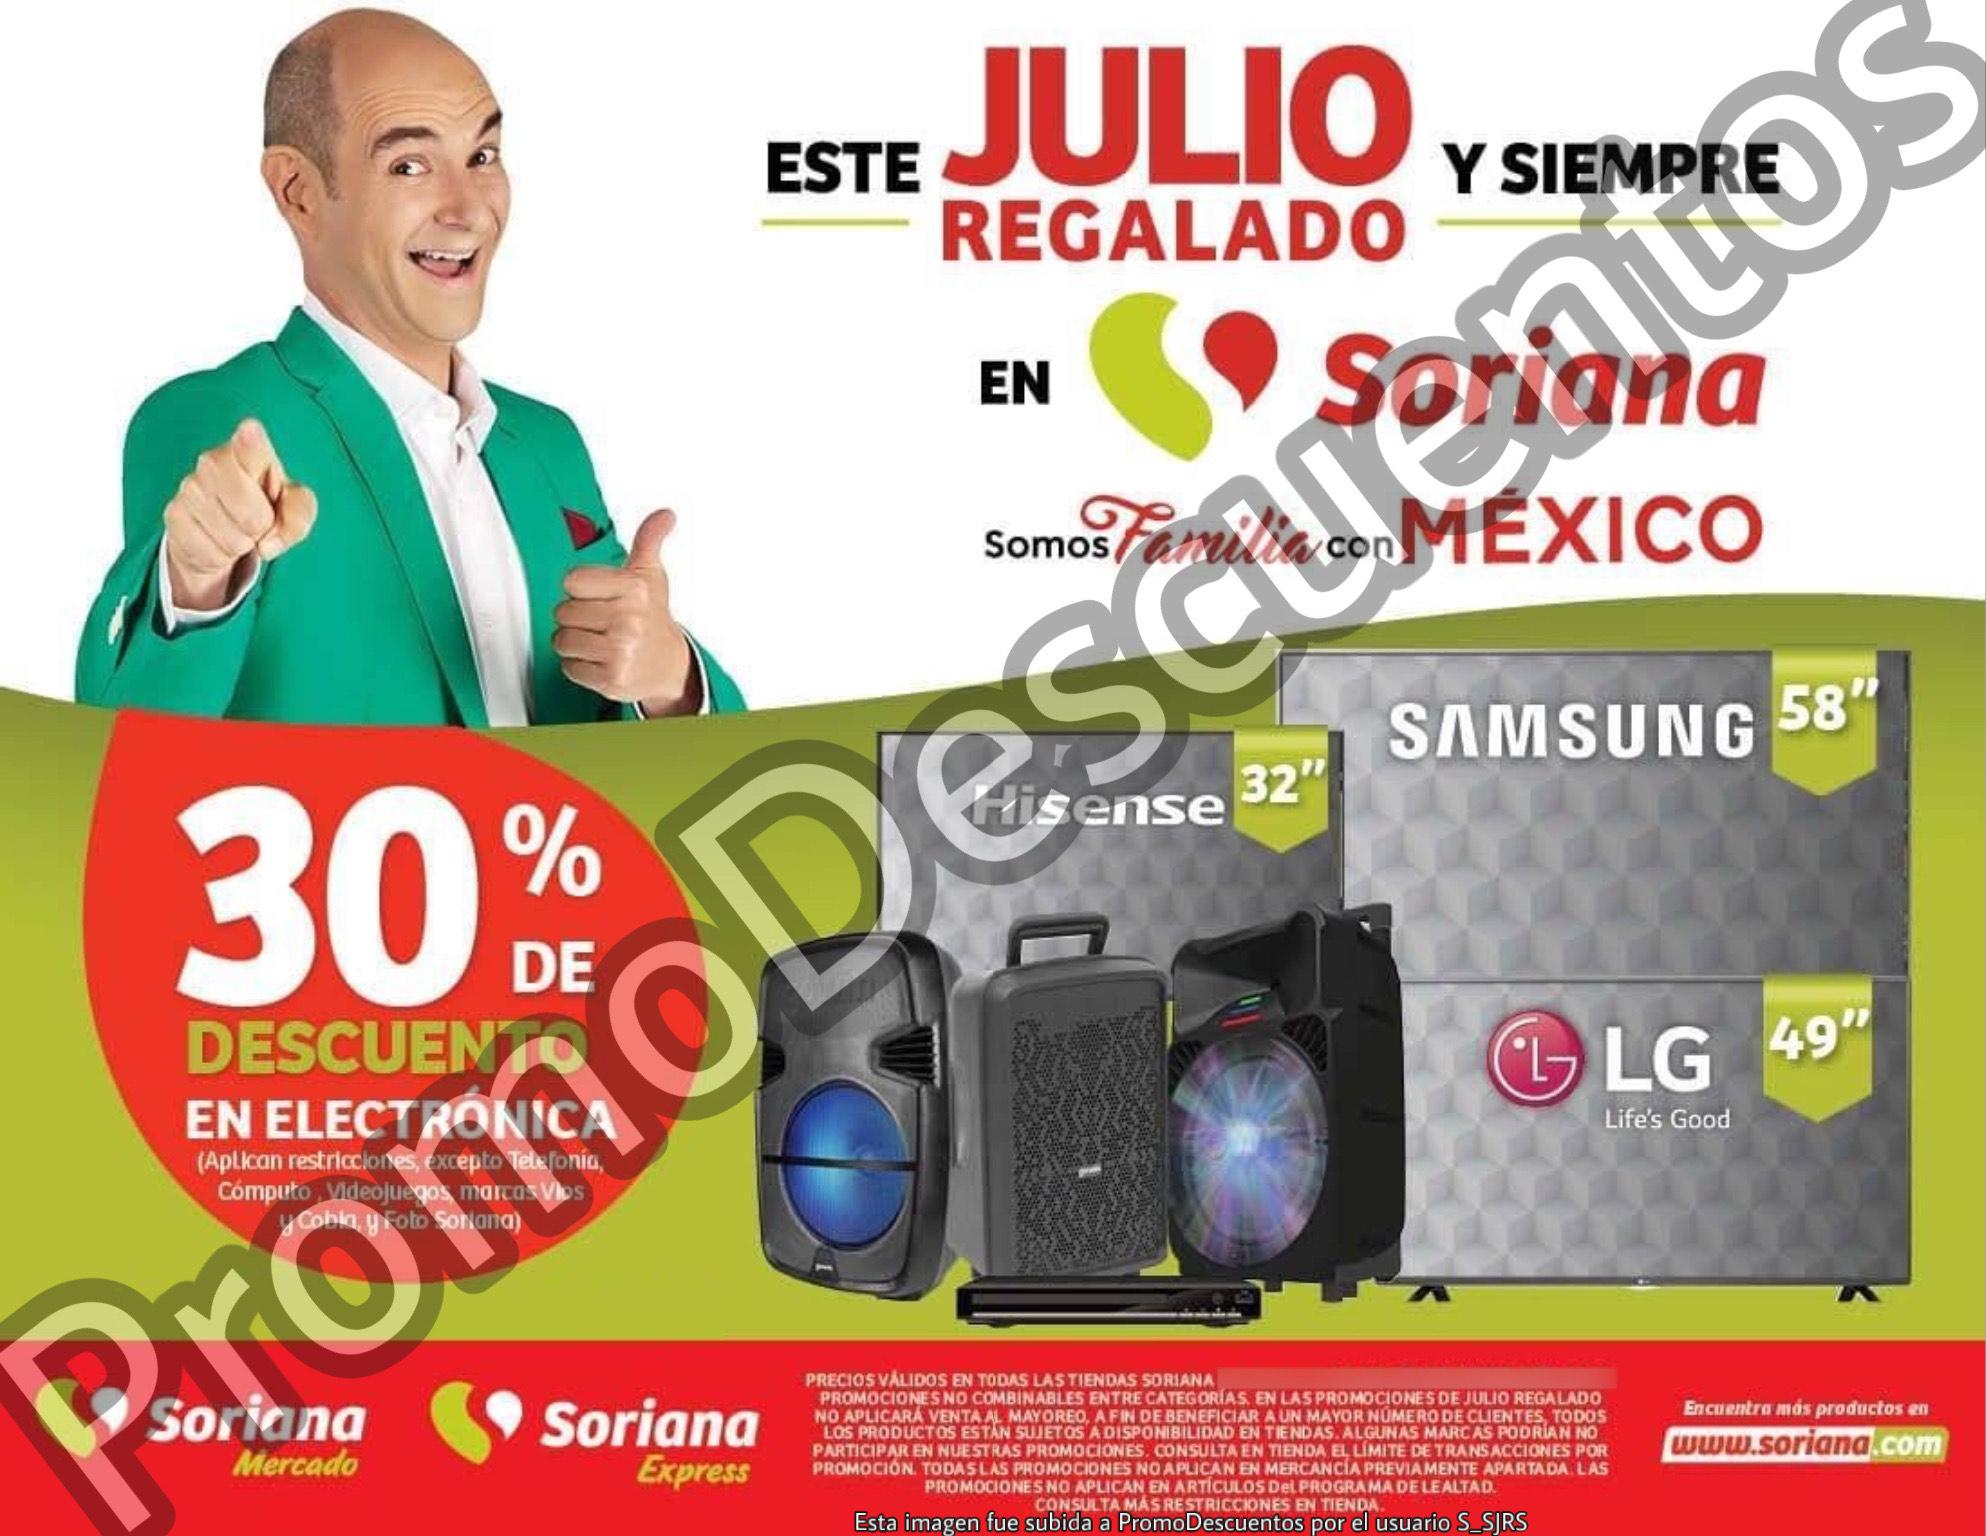 Julio Regalado 2020 en Soriana: 30% en TODA la Electrónica